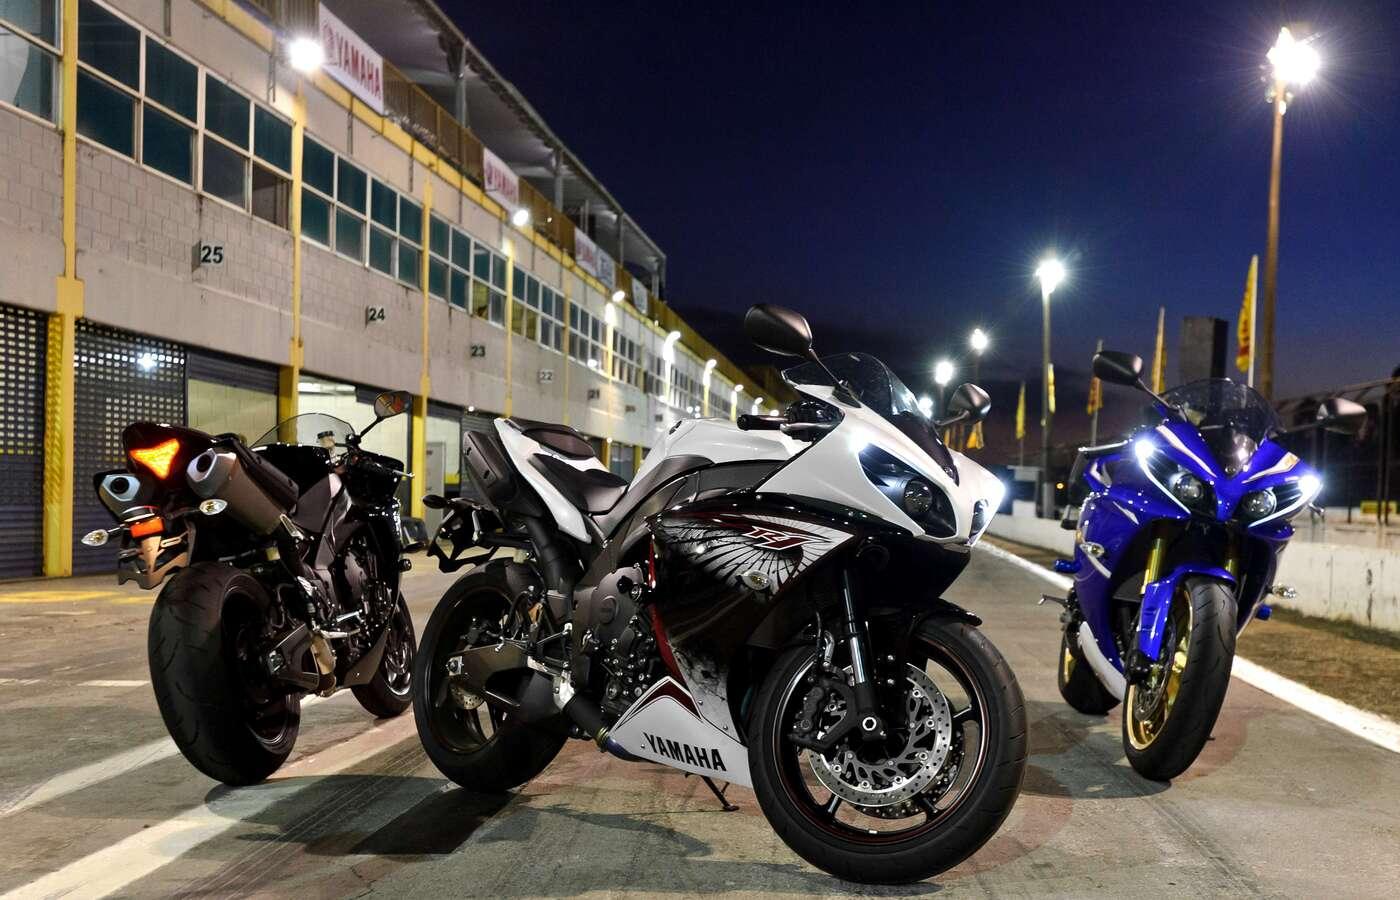 yamaha-r1-bikes-pic.jpg